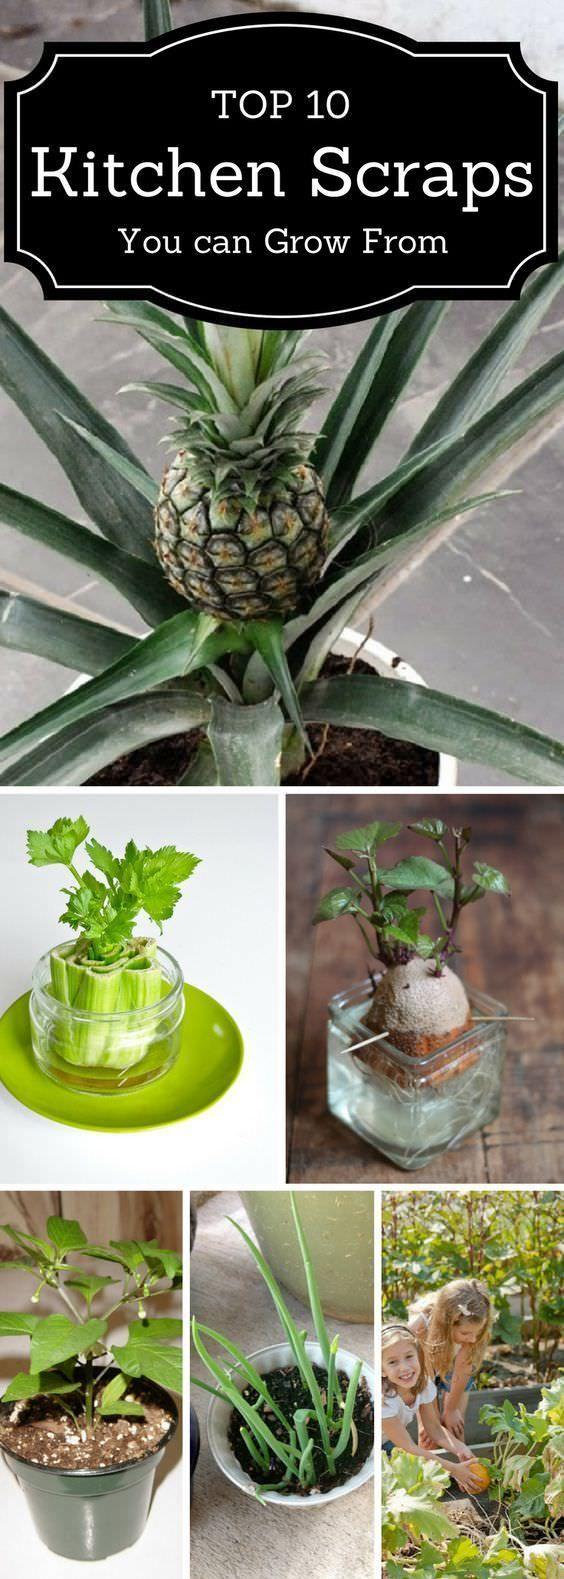 Top 10 Foods You Can Regrow From Kitchen Scraps Indoor